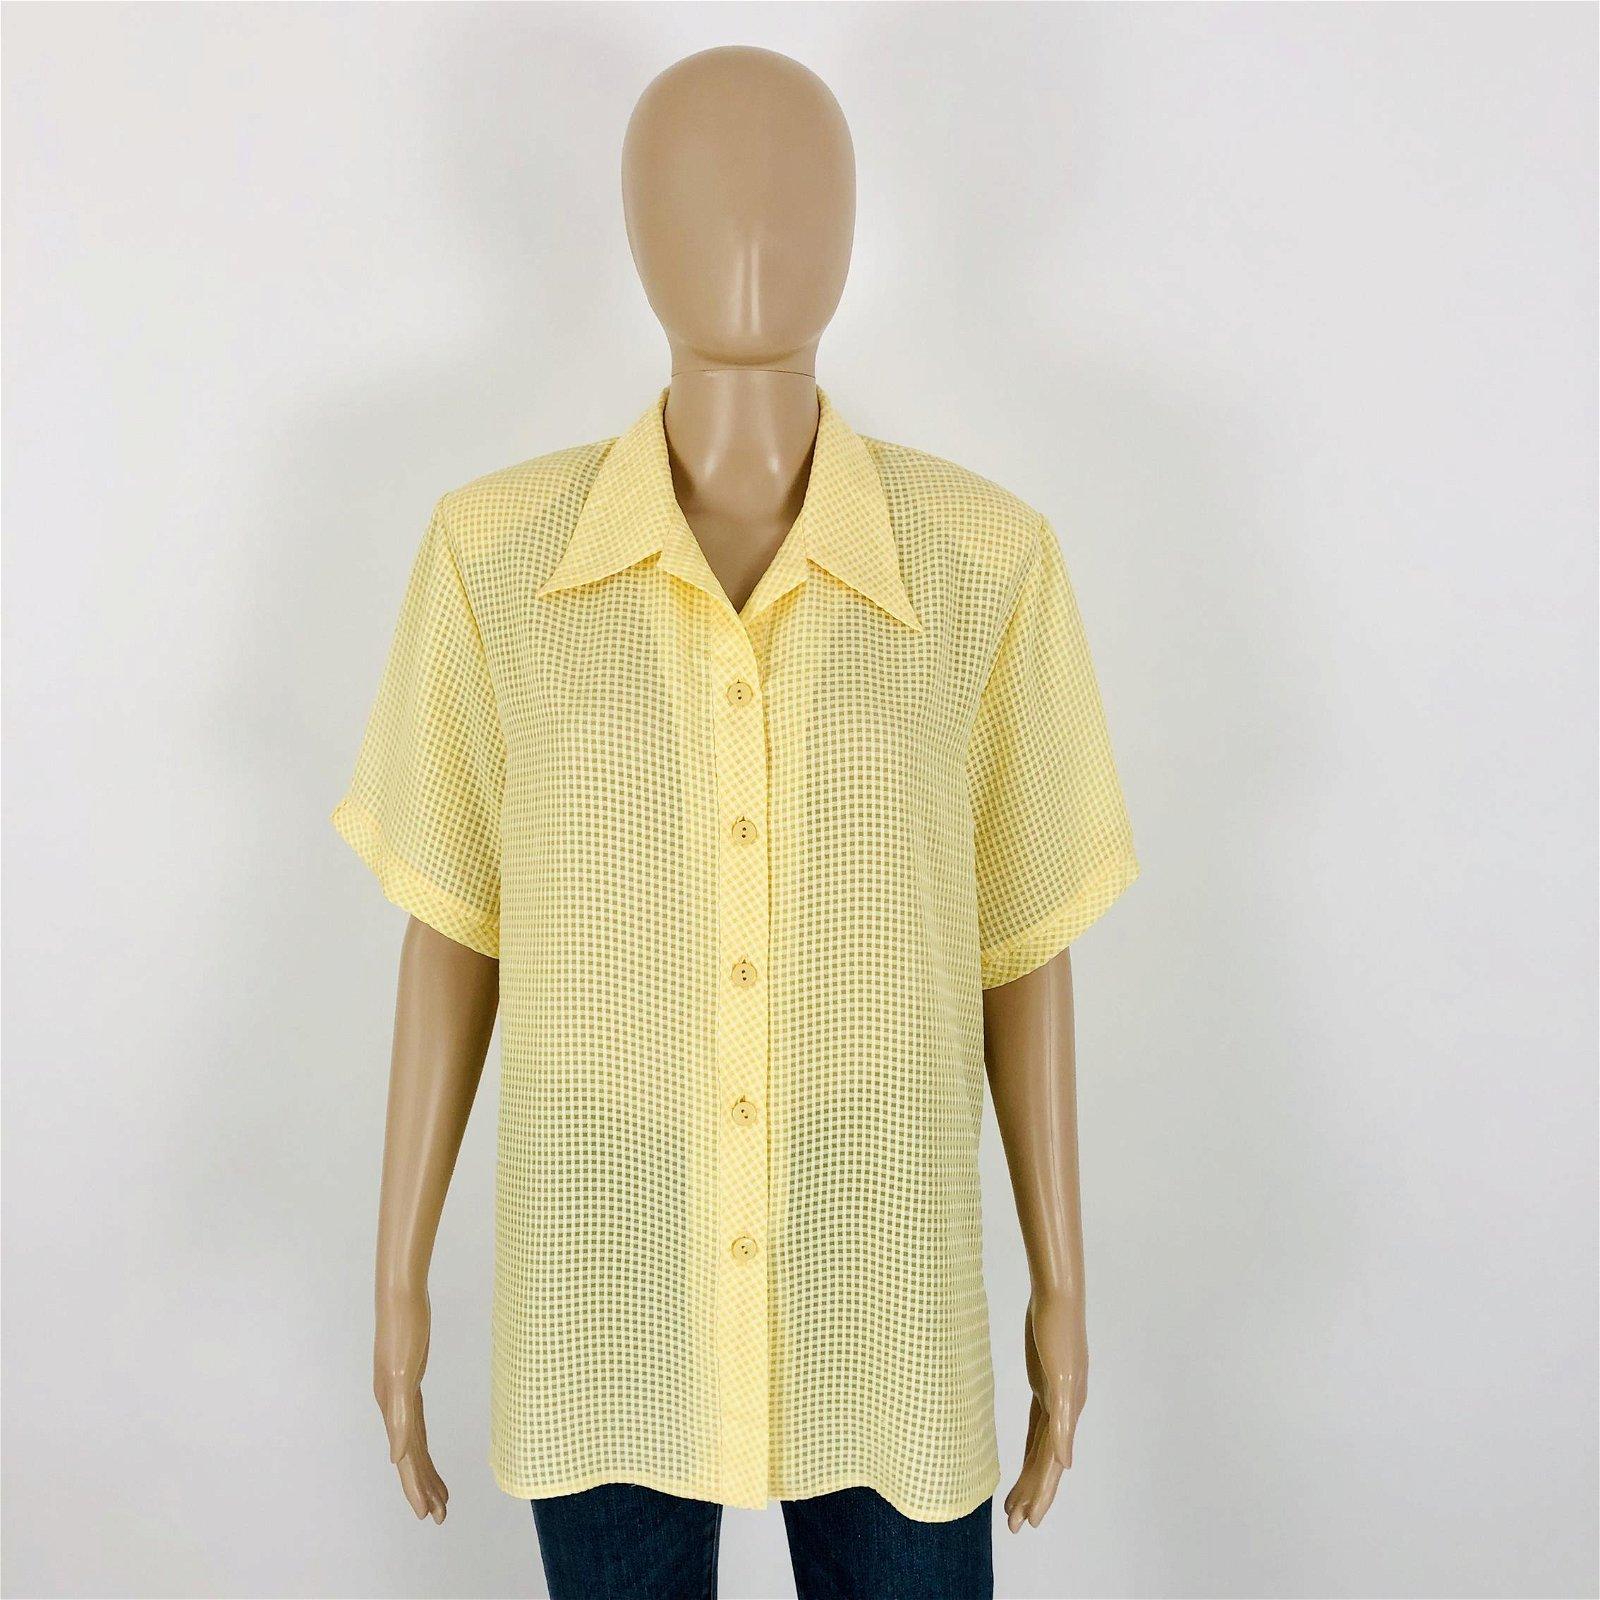 Vintage Women's Summer Shirt Top Blouse Size M